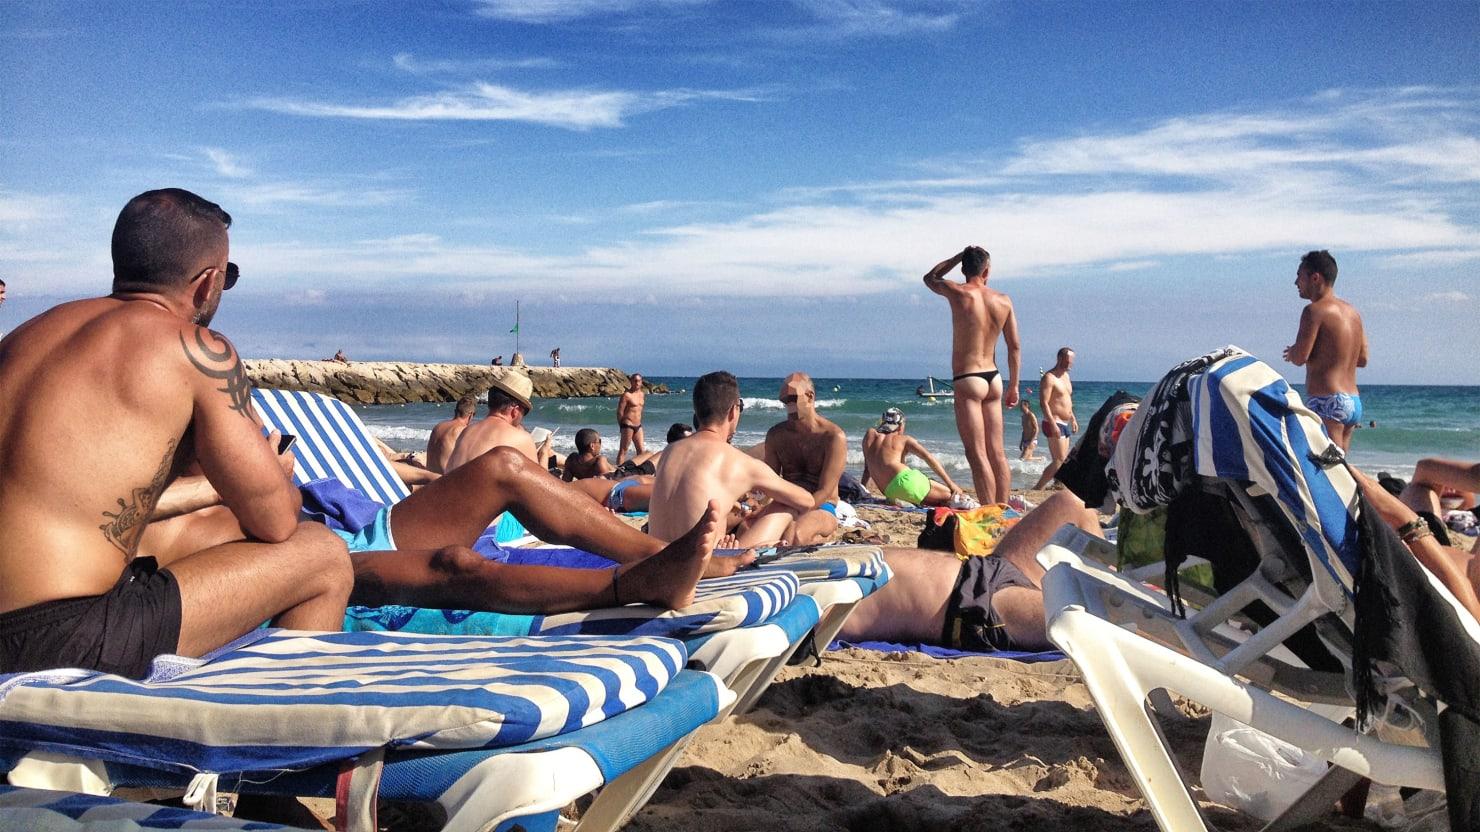 nude beach spain tumblr